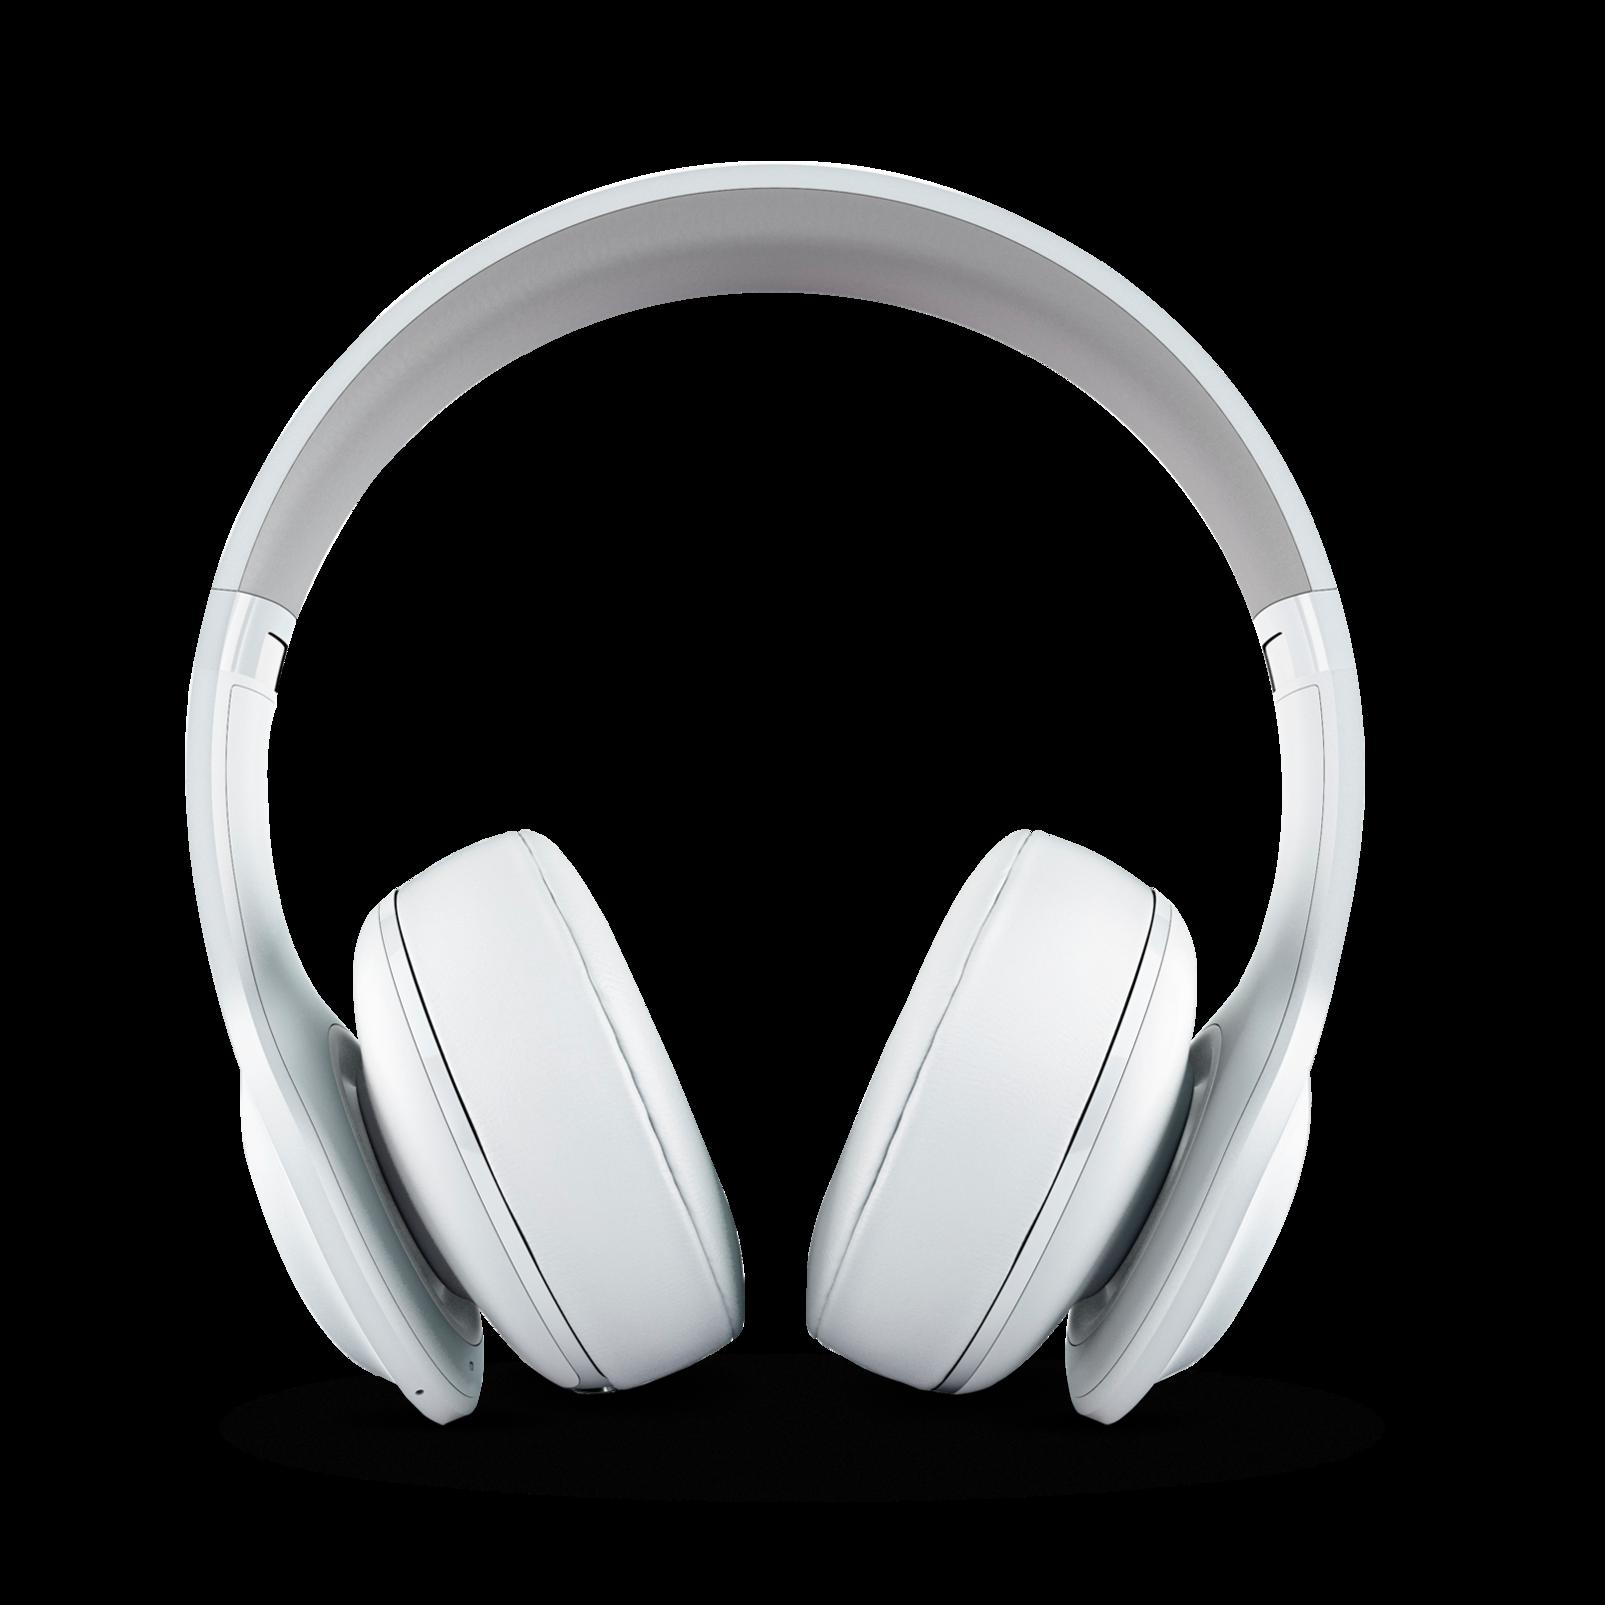 Jbl Everest 300 On Ear Wireless Headphones